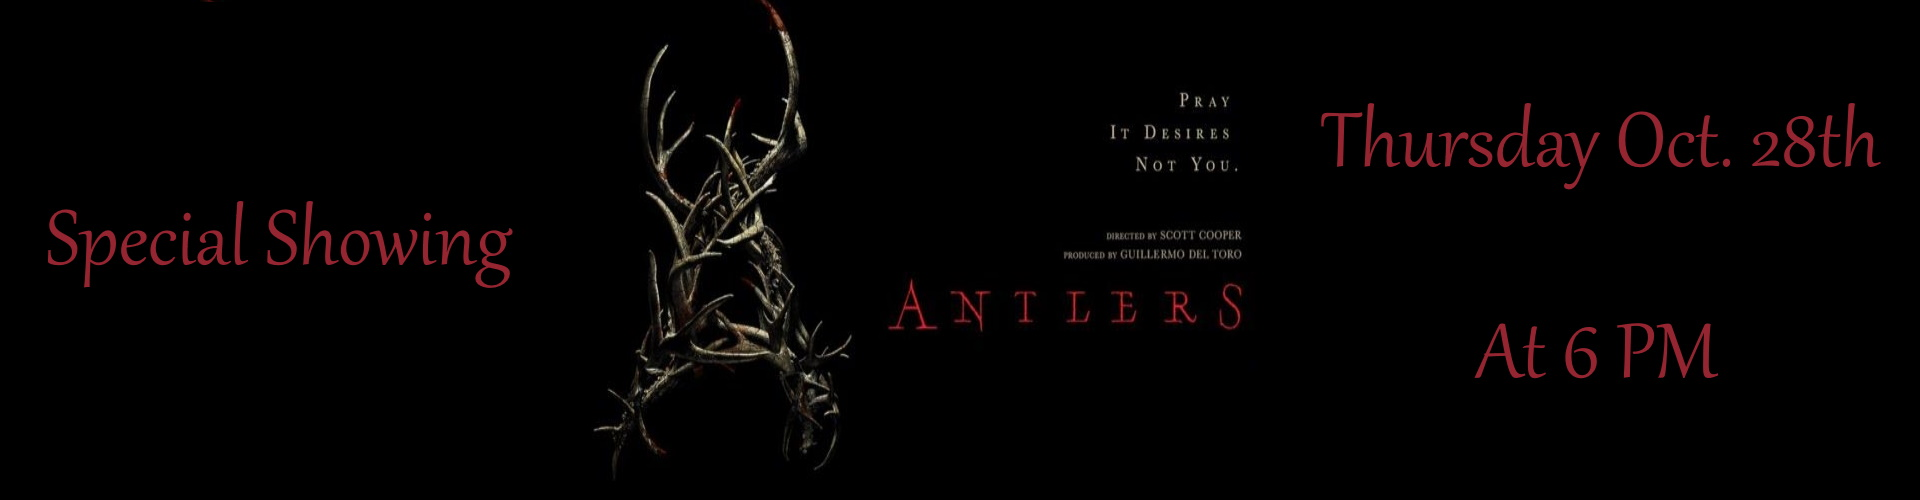 antlers_ssbanner